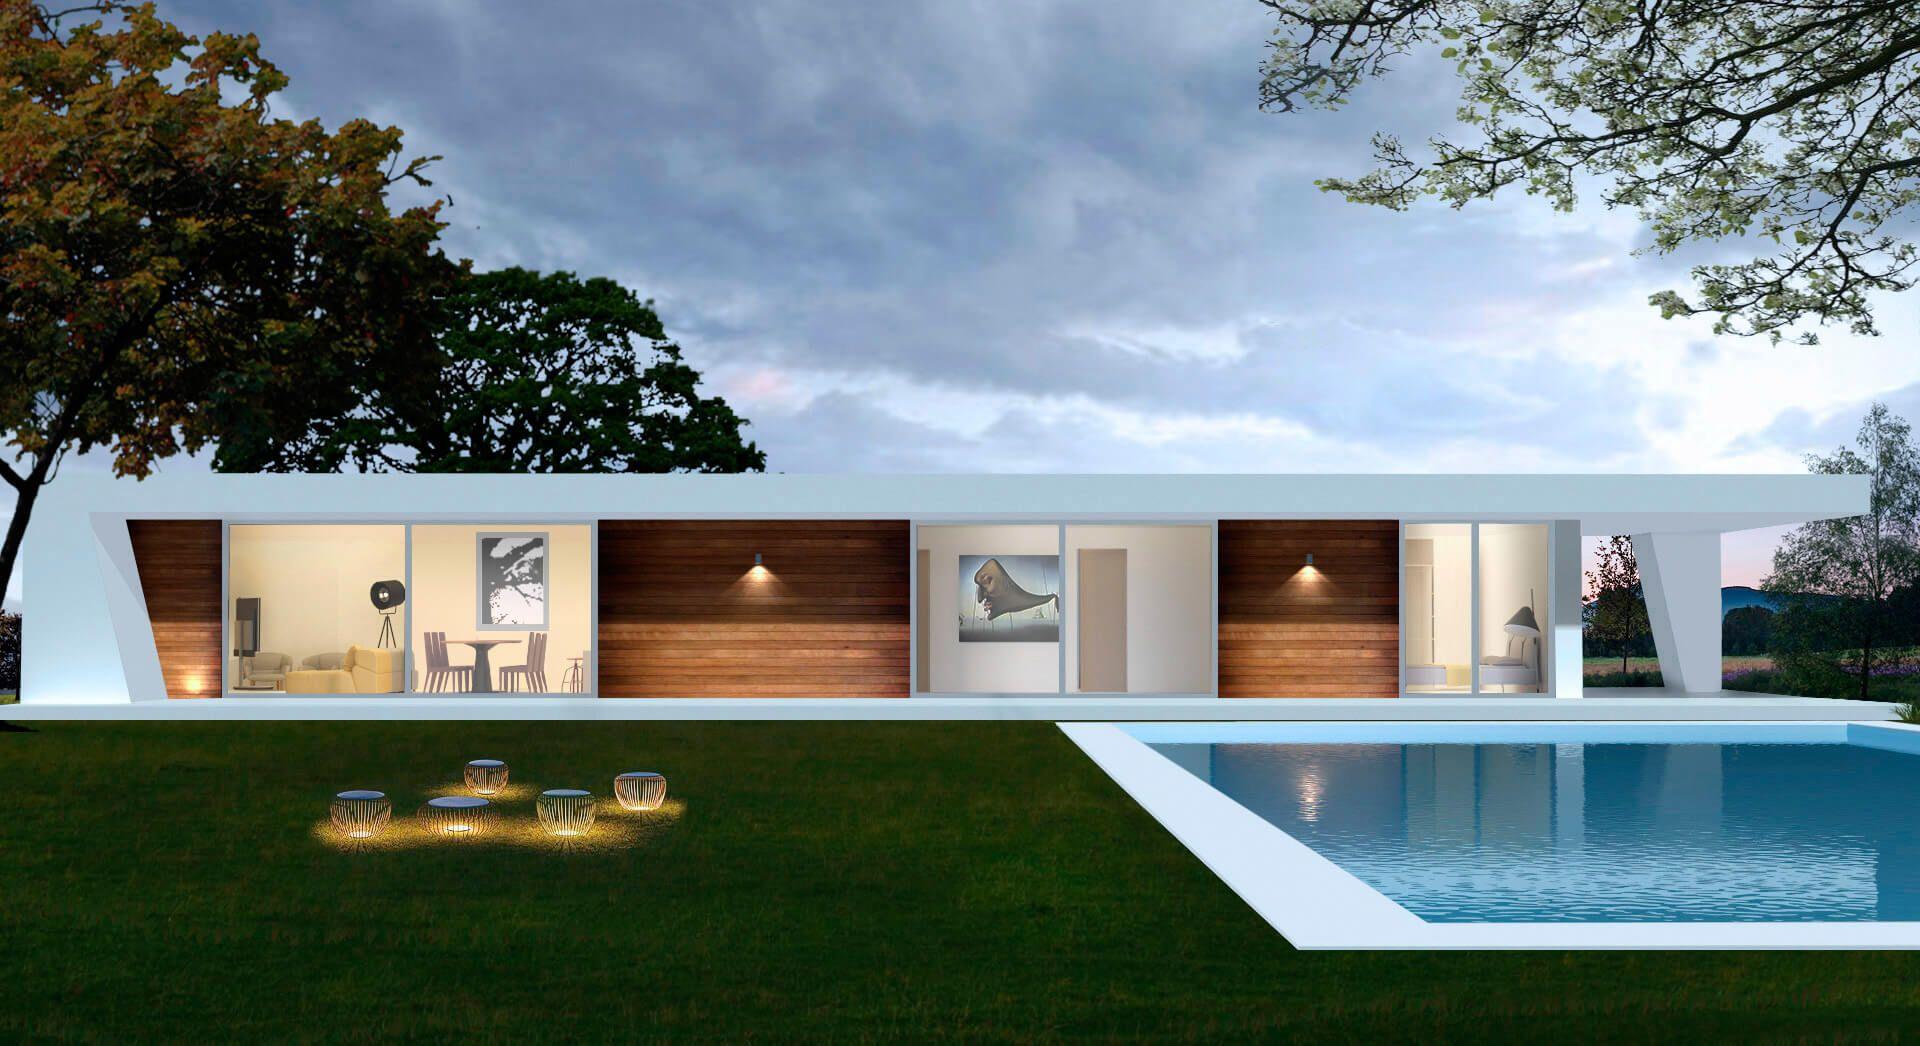 Dise o de chalets modernos en galicia construcci n y reformas - Fachadas de casas modernas planta baja ...